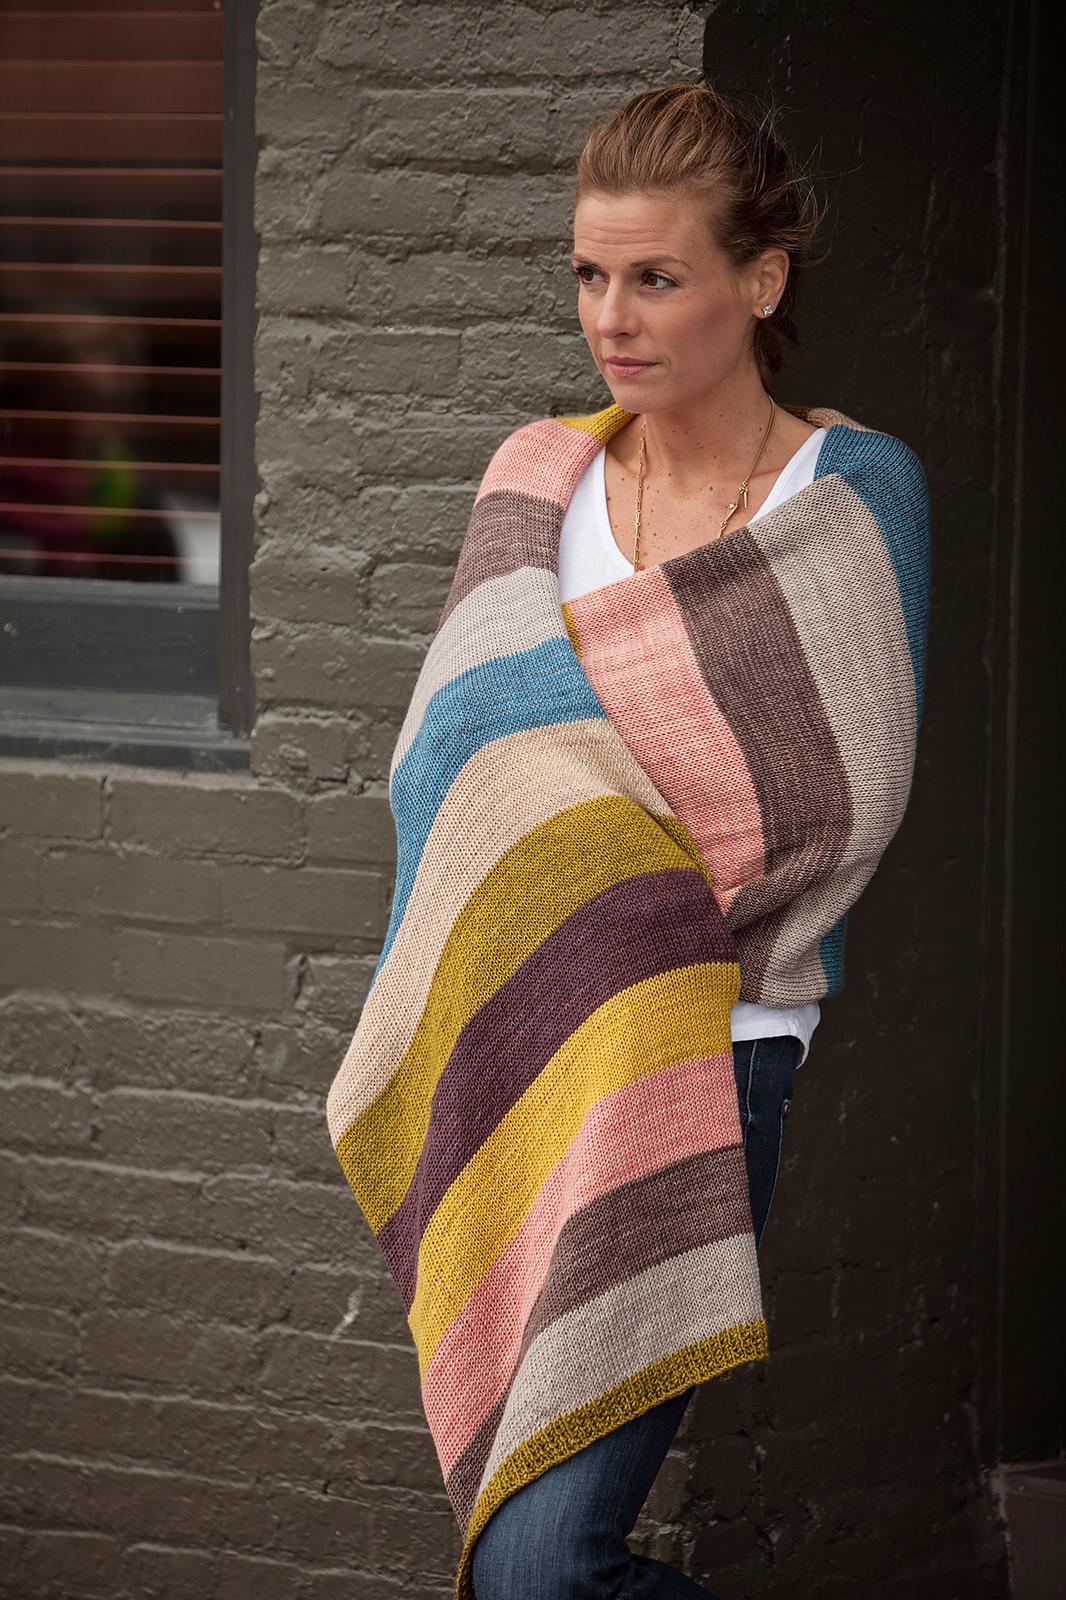 naturalmente lanas: ¿Tejemos un chal, una estola o una bufanda?